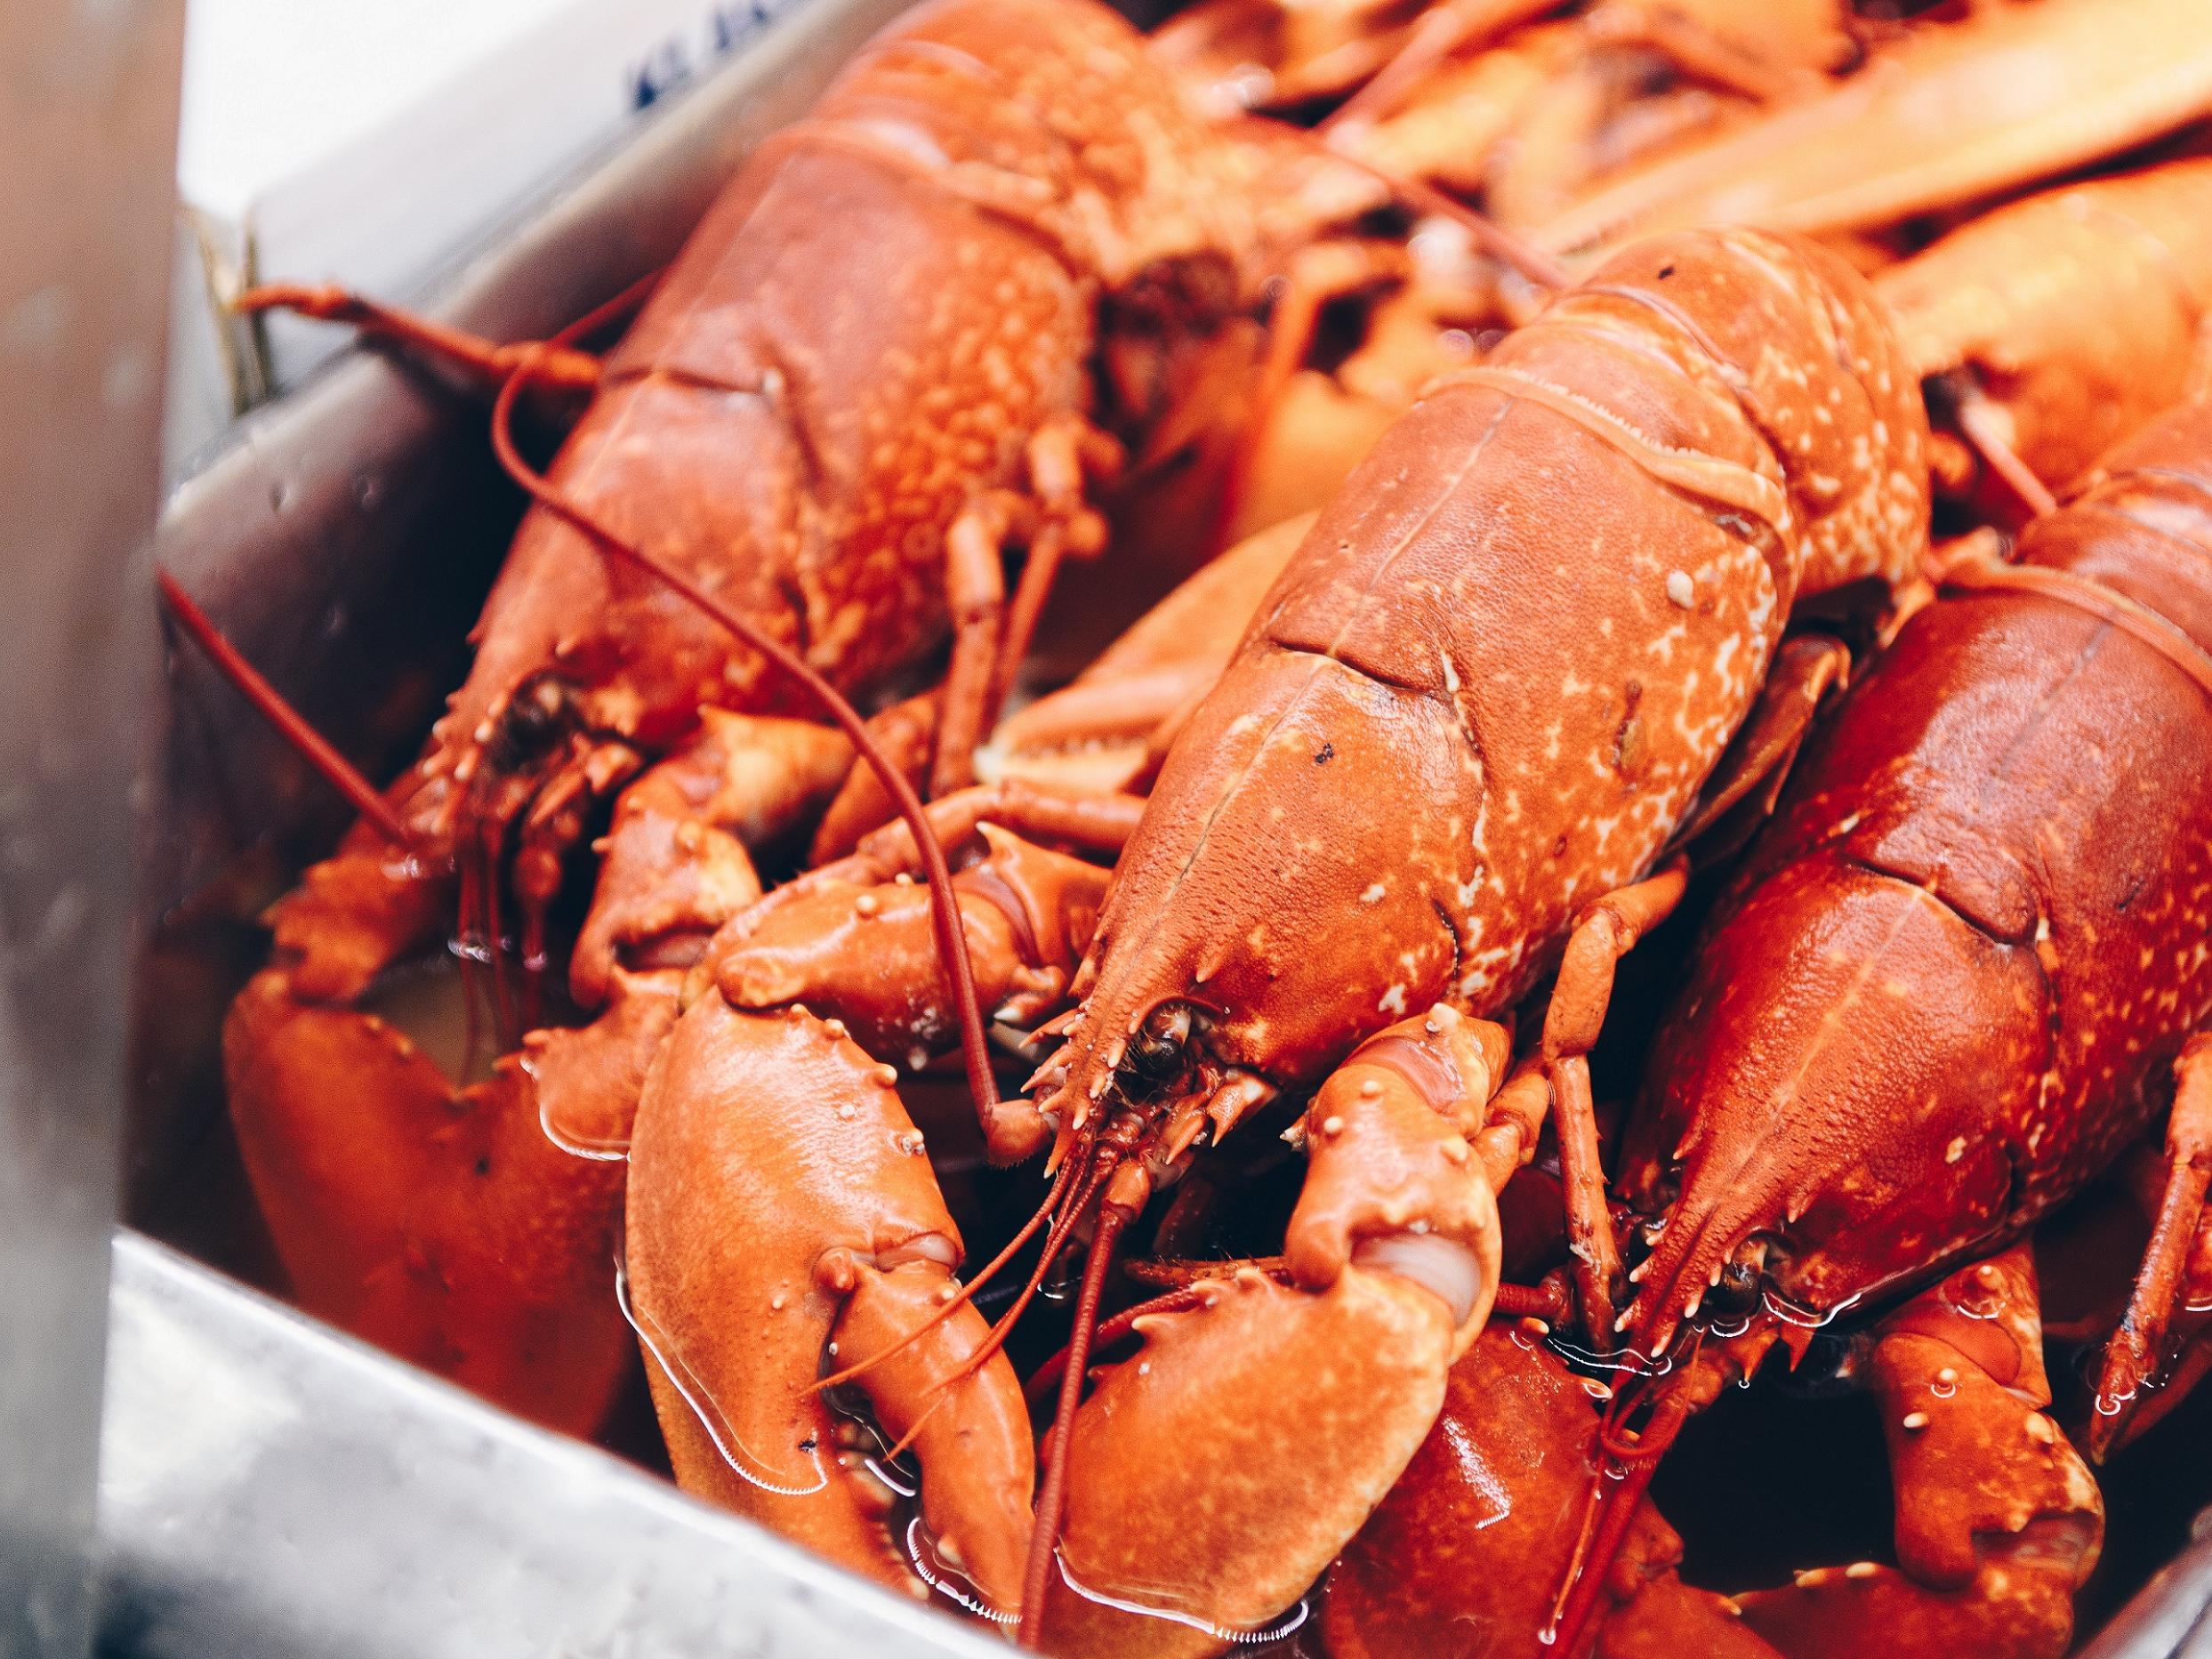 Lobster & Crab Feast WBC